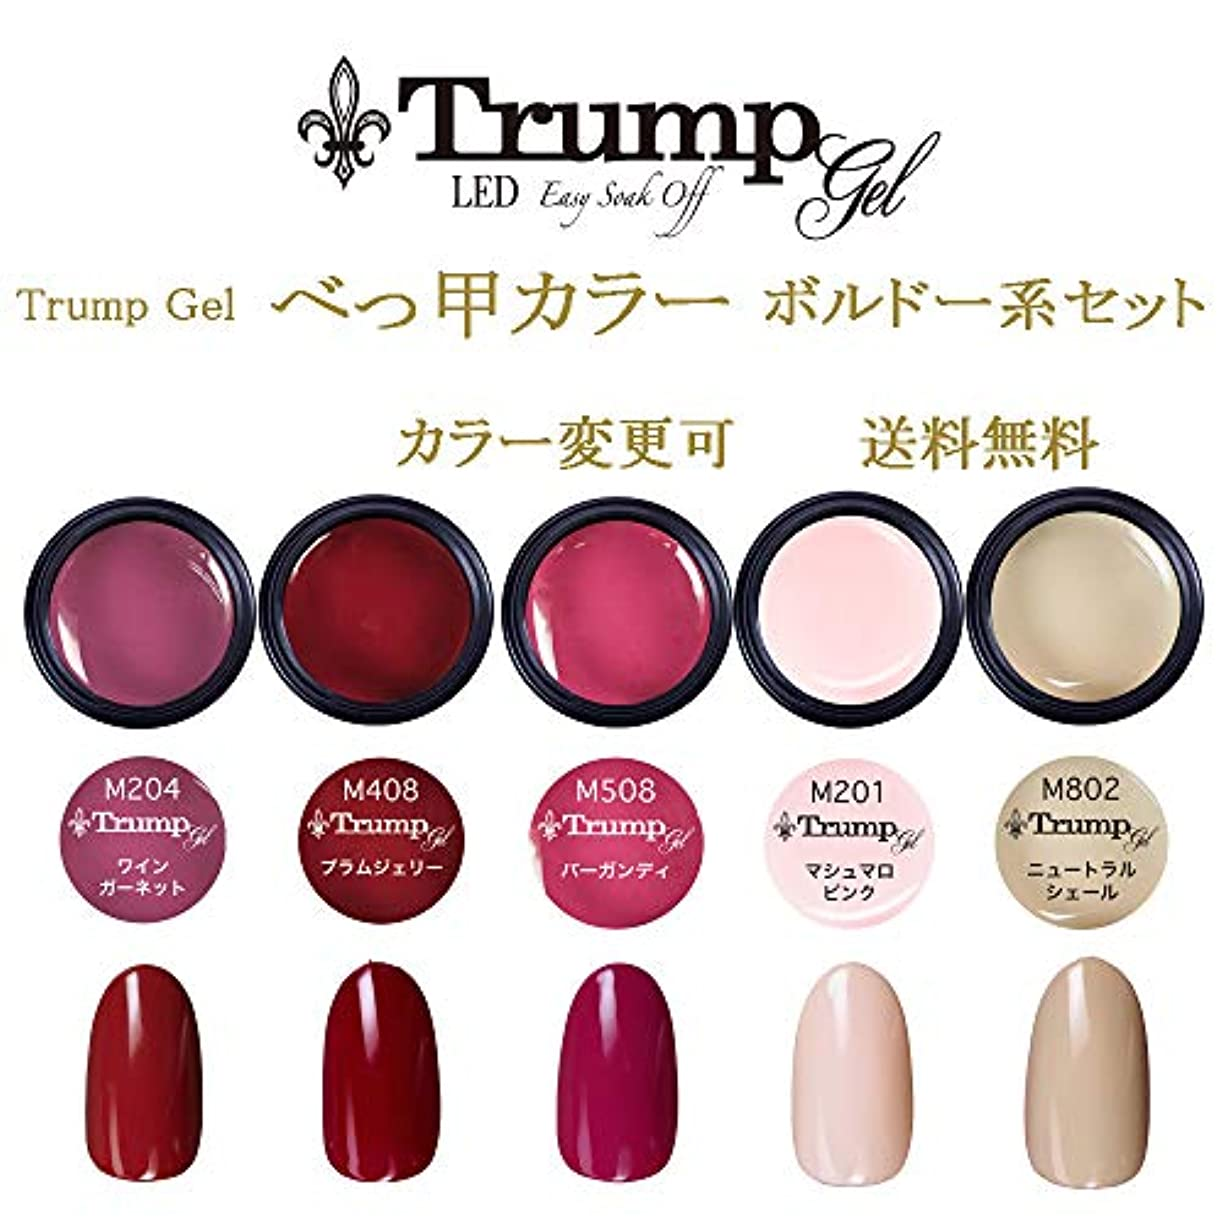 のためにレベル香り【送料無料】日本製 Trump gel トランプジェル べっ甲カラー ボルドー系 選べる カラージェル 5個セット べっ甲ネイル ボルドー ブラウン ホワイト ラメ カラー